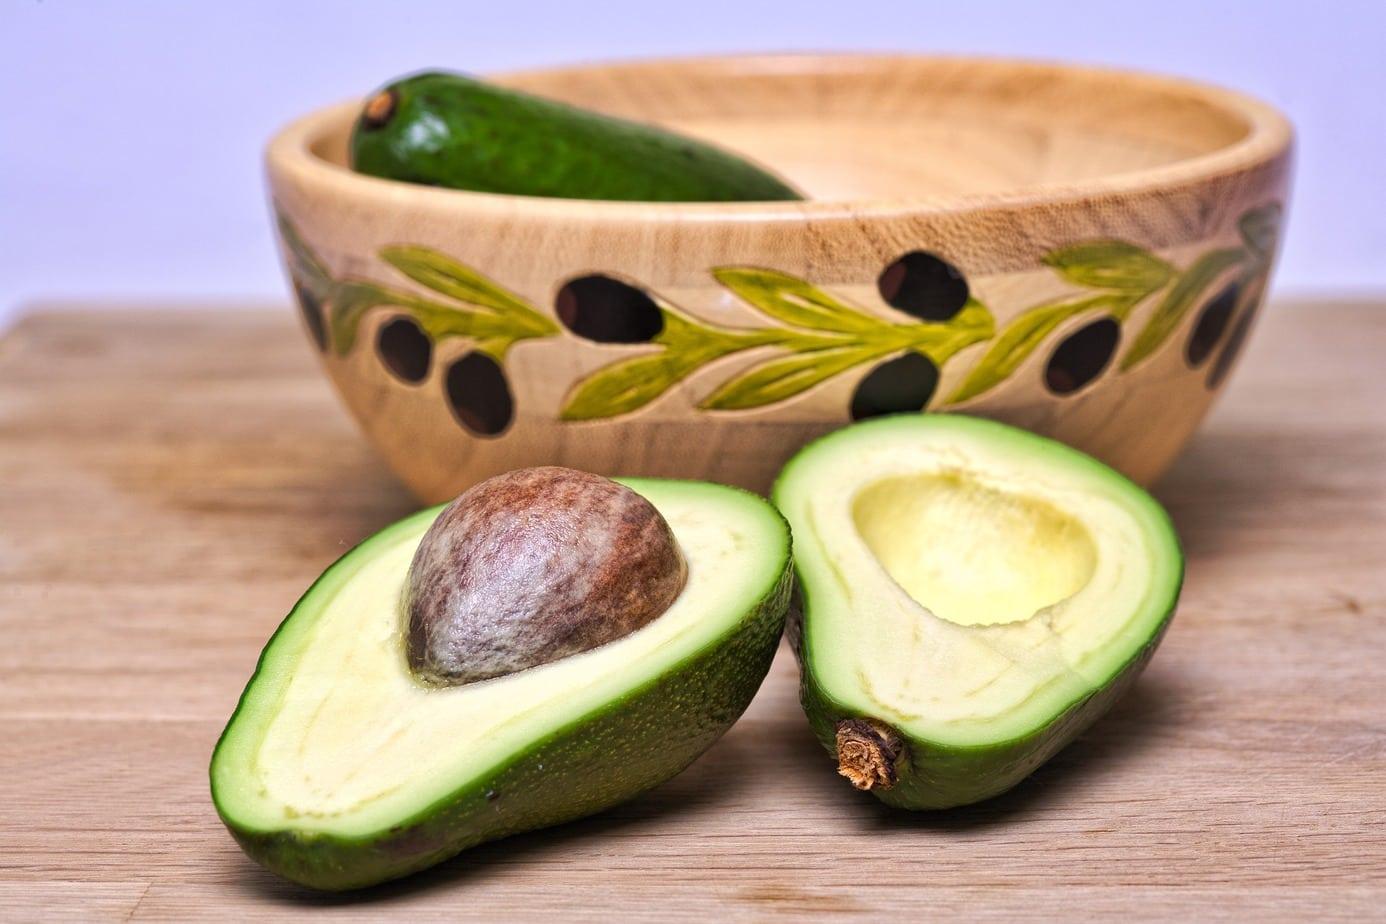 Dieta ma znaczenie! Ulubiona superżywność Ewy Chodakowskiej